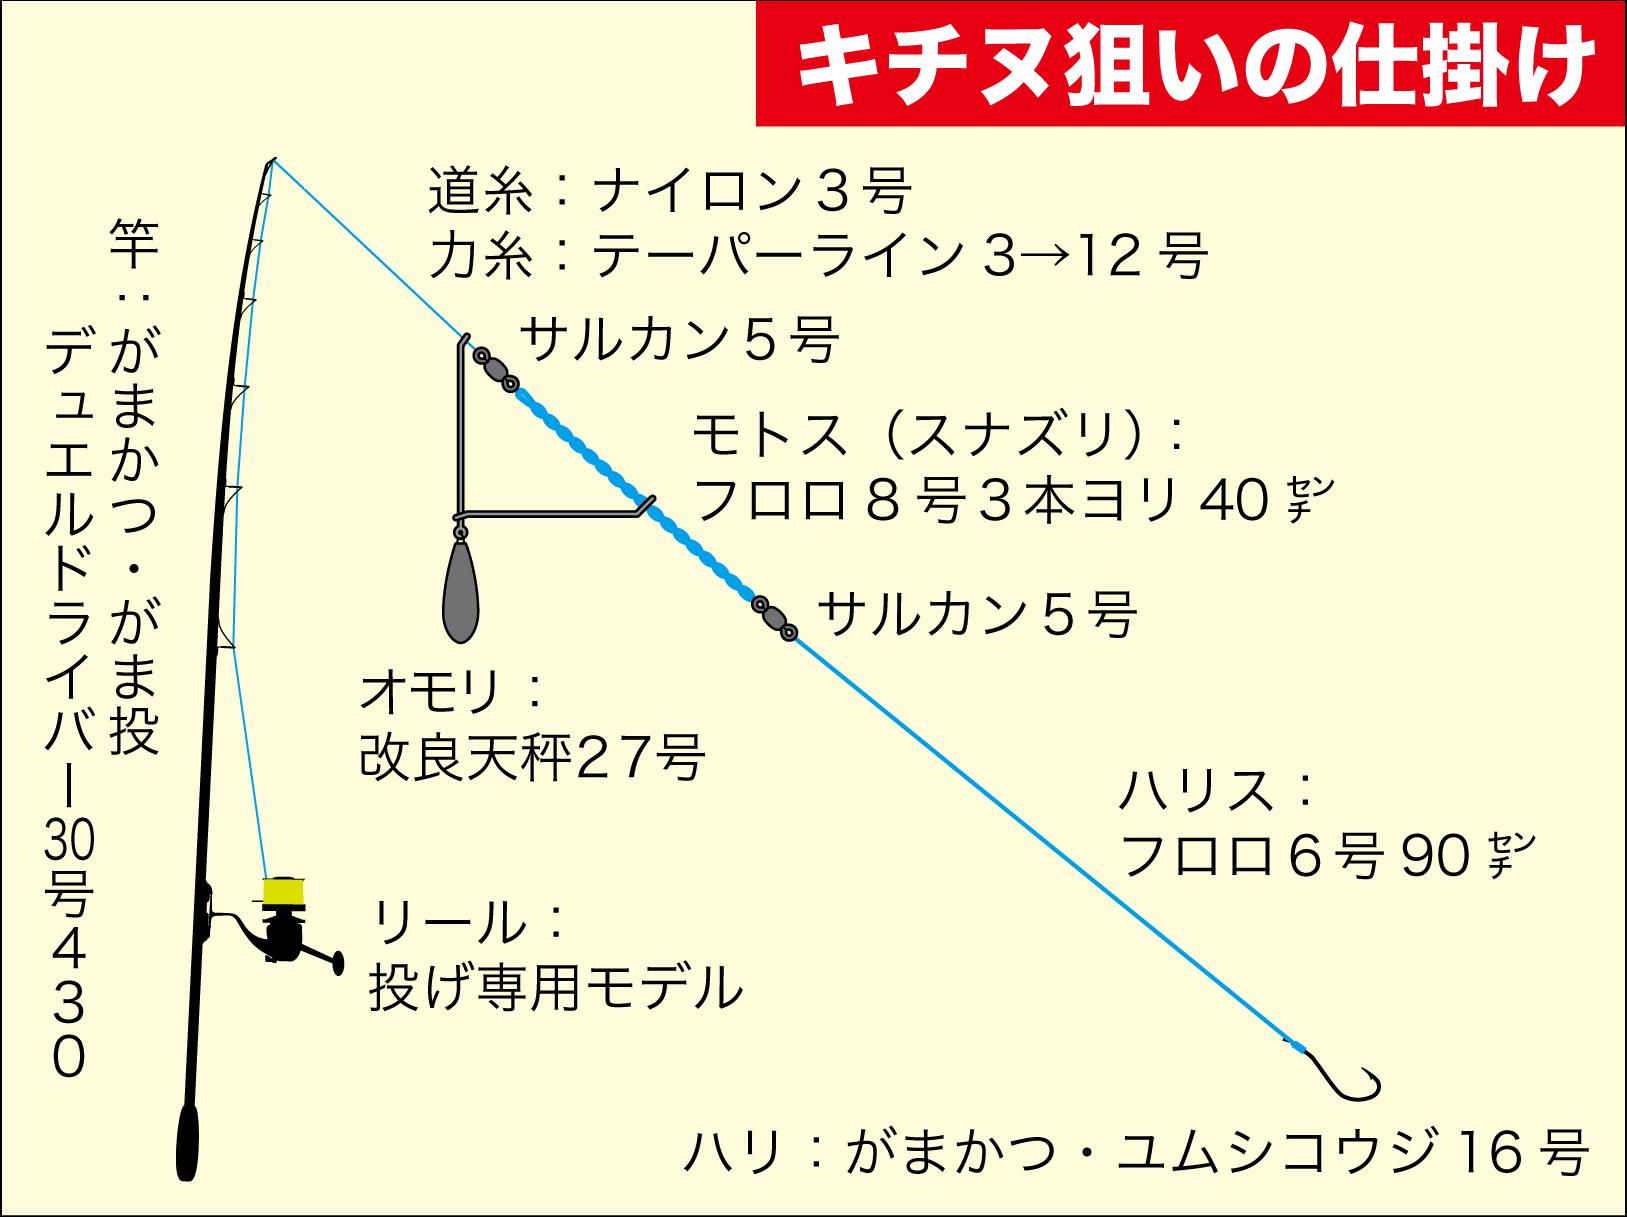 キャスターズハイ淀川キビレ13